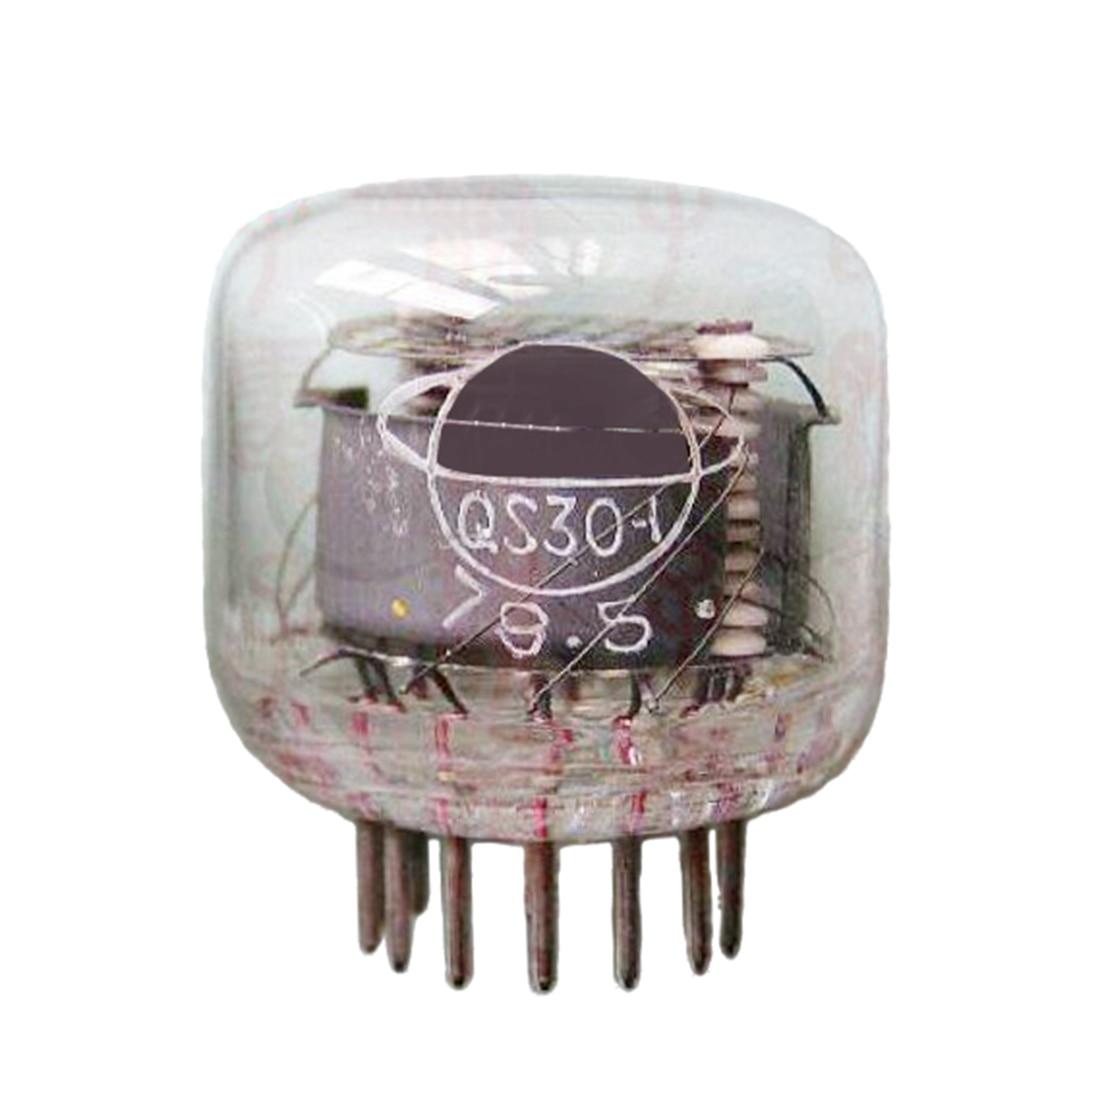 Glow Tube QS30-1 For Glow Tube Clock Base